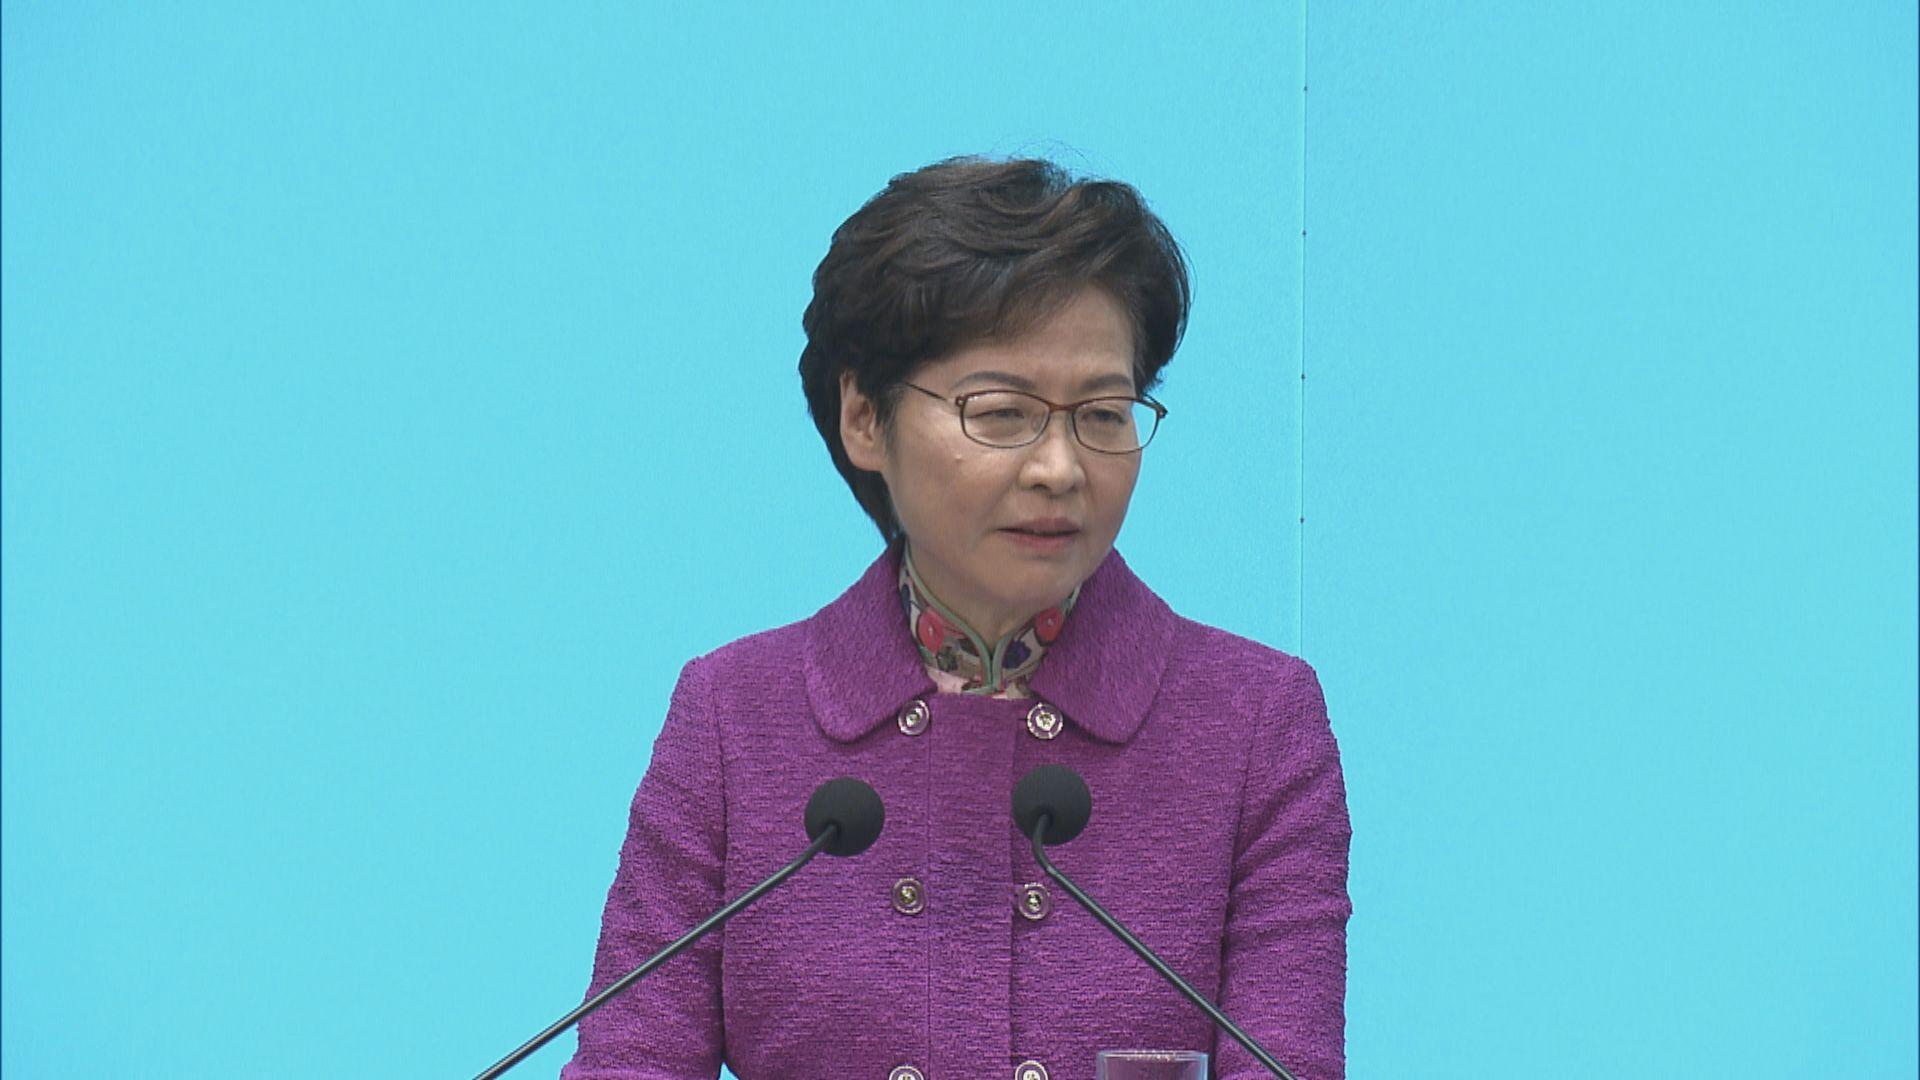 【最新】林鄭:凡觸碰到中央的政策必惹很大反對 須正本清源撥亂反正